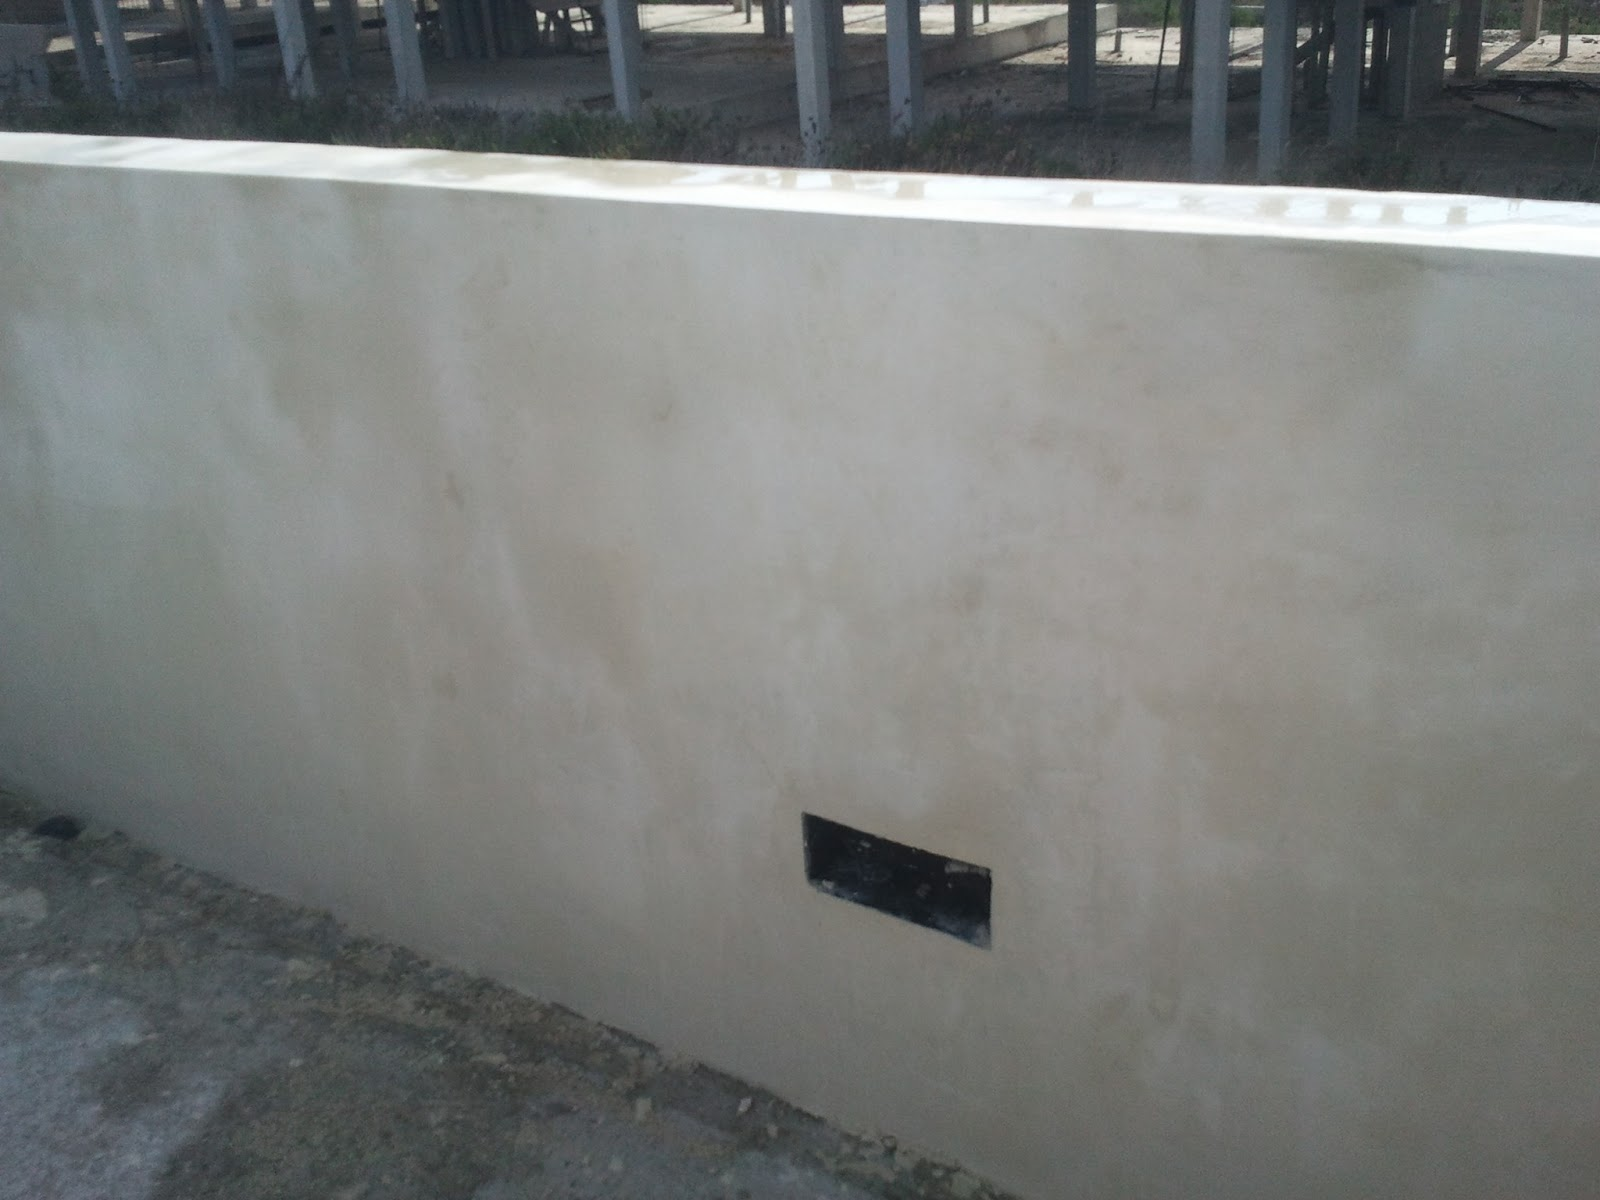 Reformas julio camarena reforma terraza for Pared cemento pulido